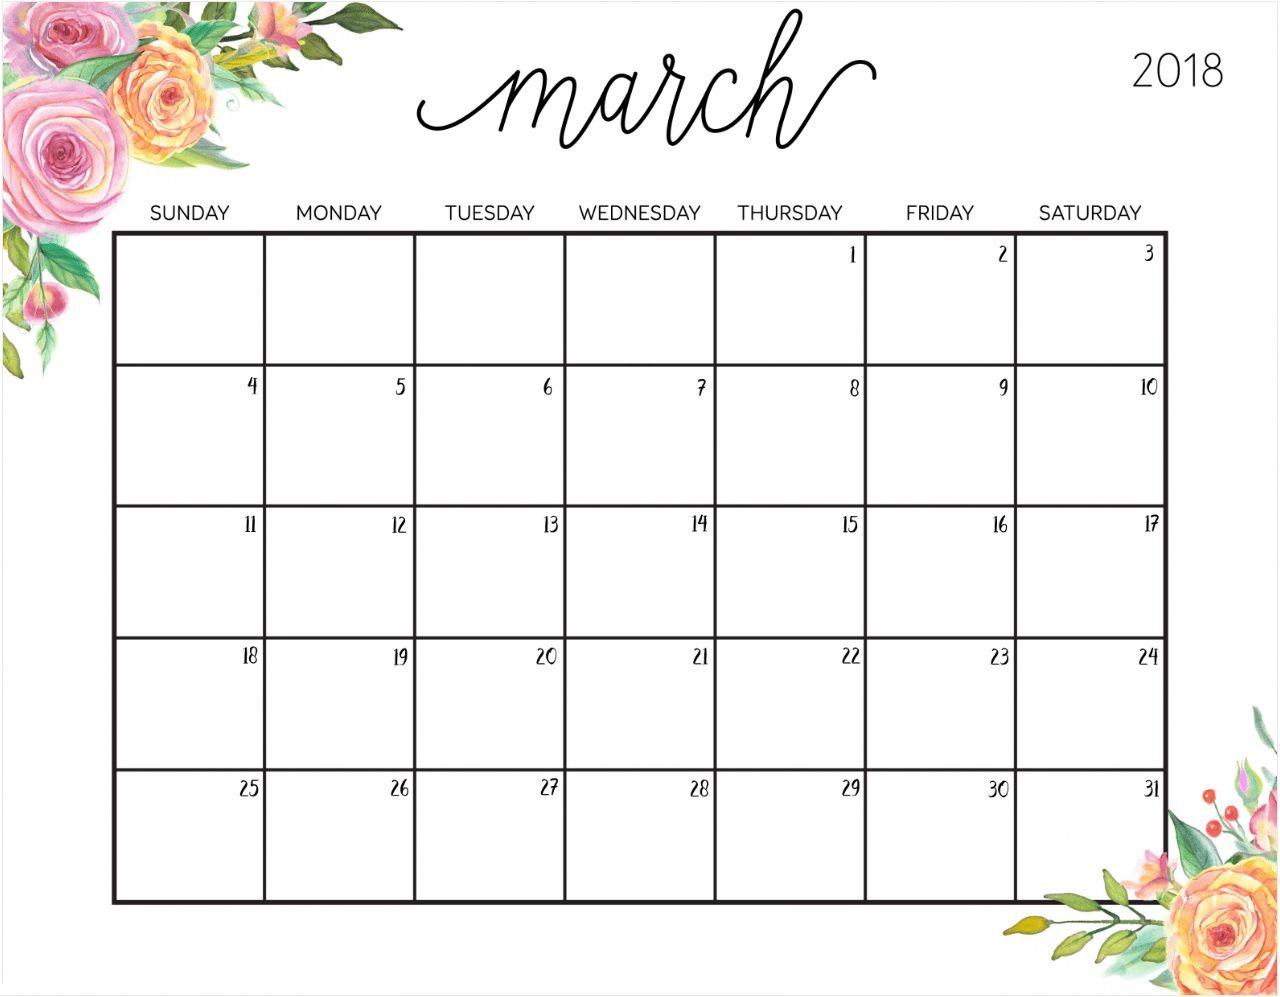 march 2018 planning calendar template